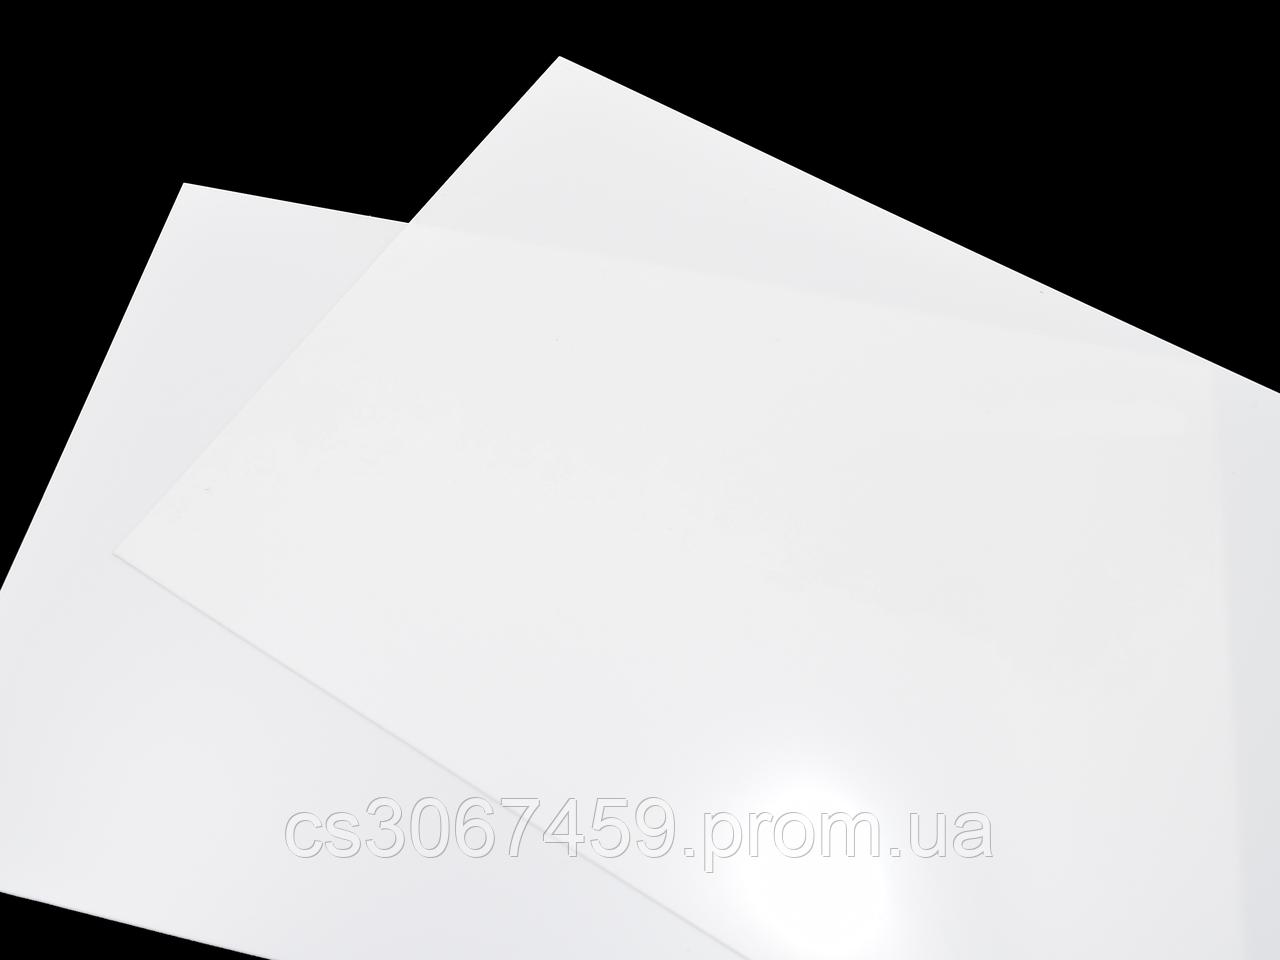 Пленка для рисования алкогольными чернилами (белая, матовая, 0,3мм, 1400х1000 мм)